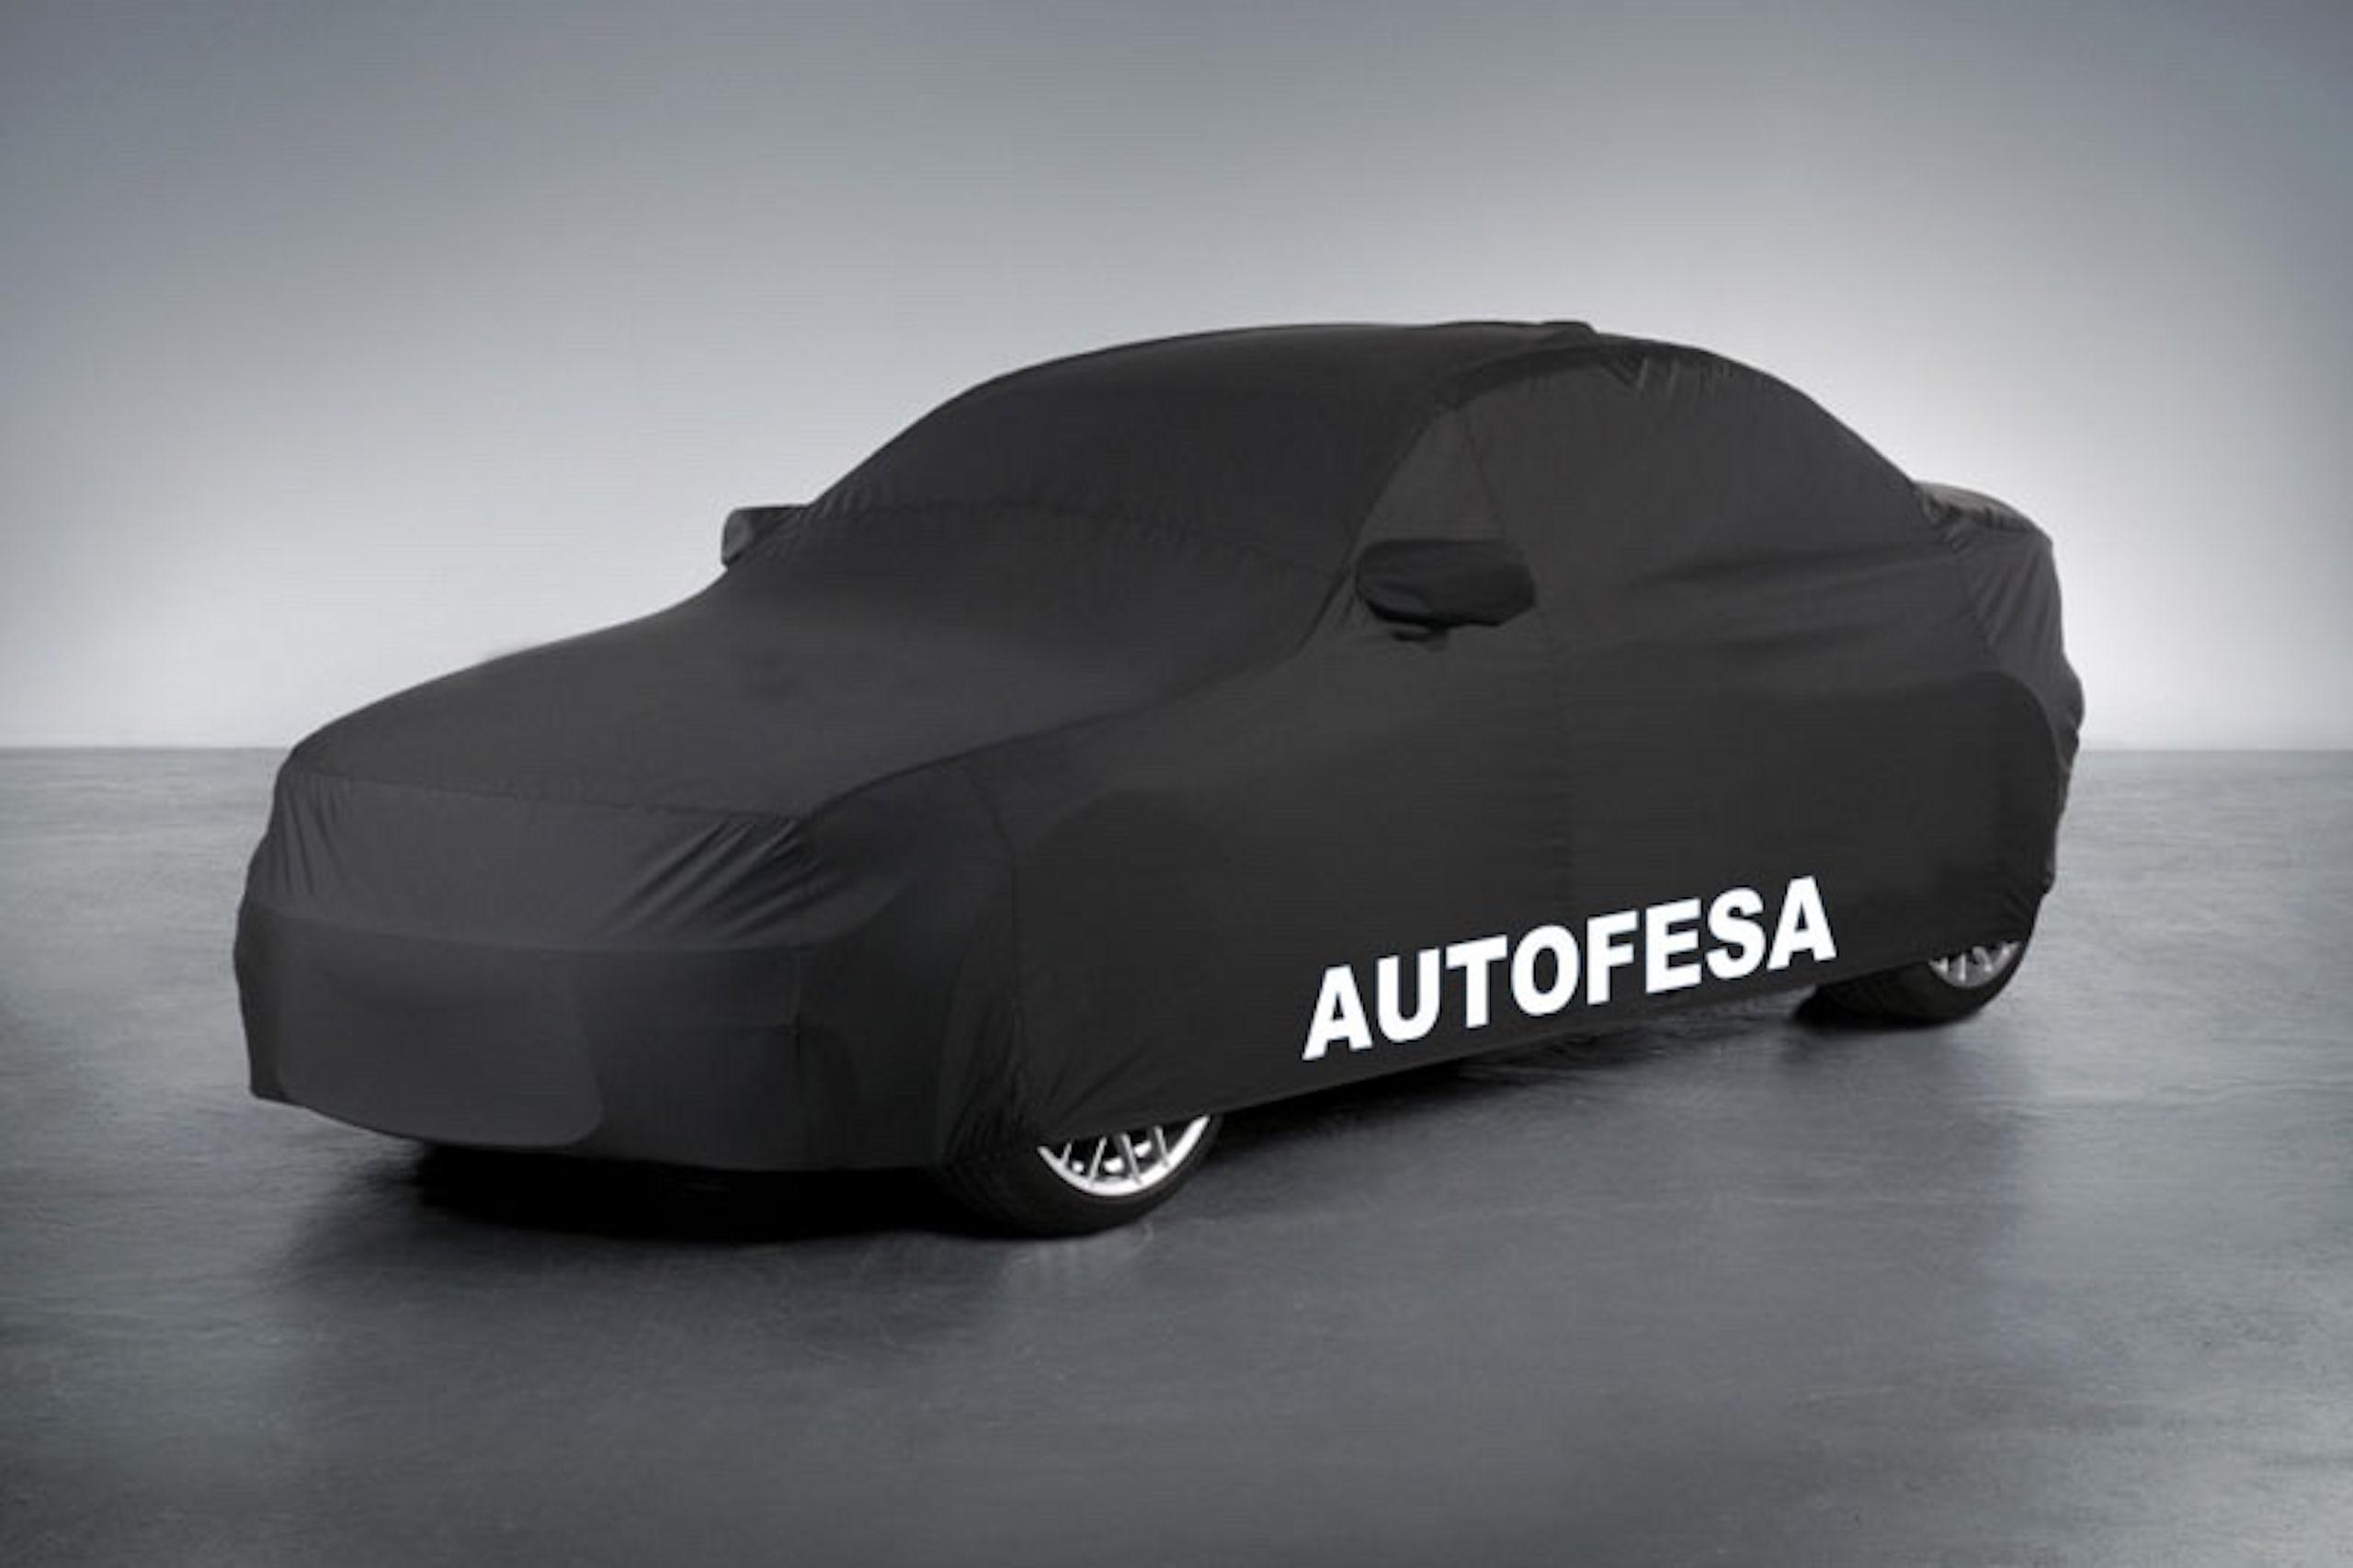 Mercedes-benz GLA 250 2.0 DCT 211cv AMG 4MATIC 7G Auto - Foto 2